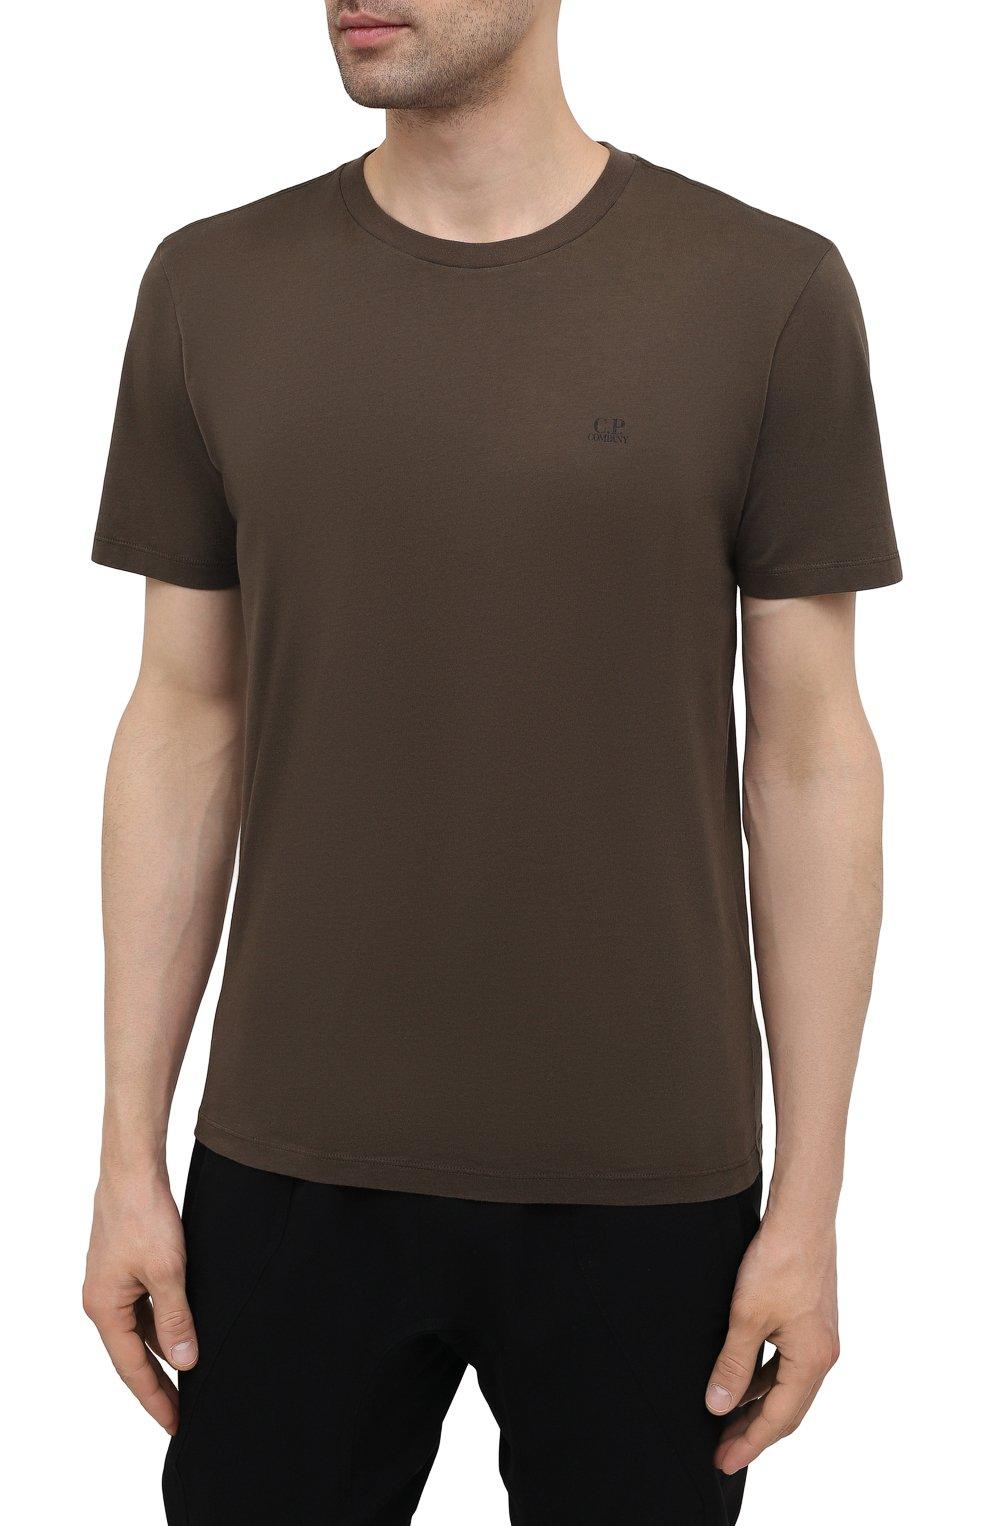 Мужская хлопковая футболка C.P. COMPANY хаки цвета, арт. 10CMTS037A-005100W   Фото 3 (Рукава: Короткие; Длина (для топов): Стандартные; Принт: С принтом; Материал внешний: Хлопок; Стили: Кэжуэл)